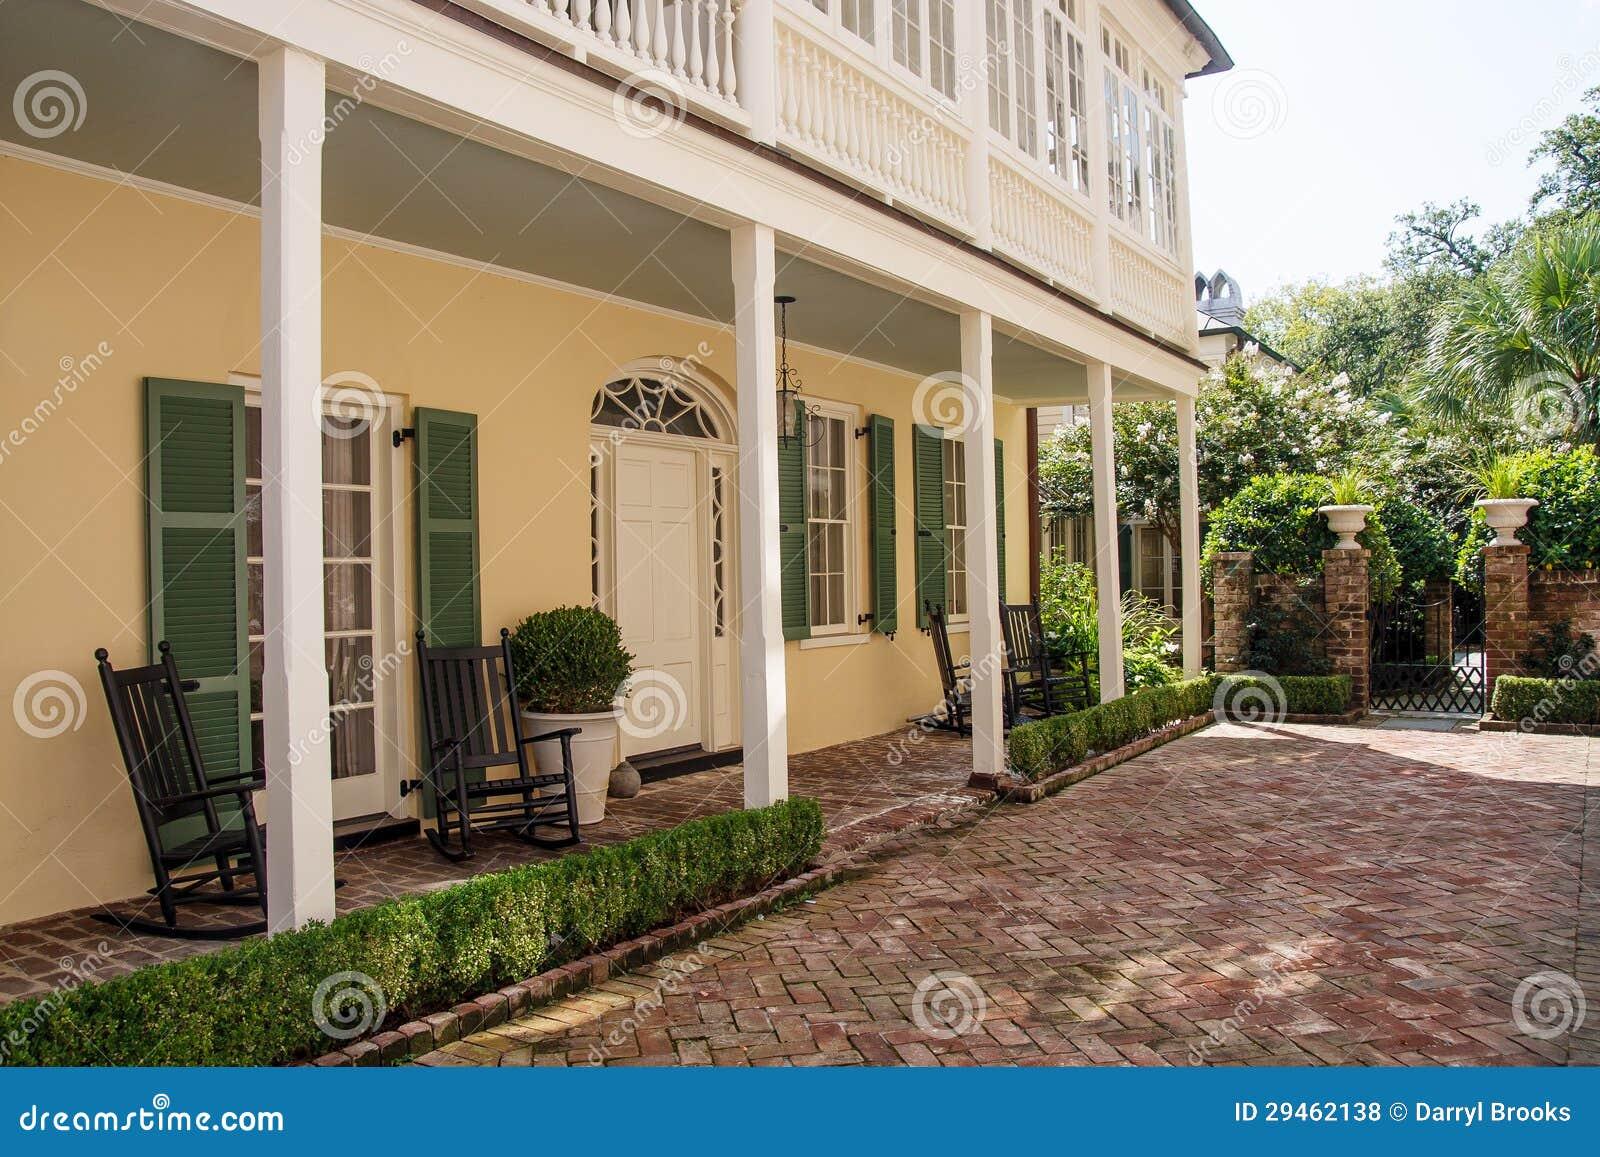 V randa de brique sur la maison jaune et verte photos for Veranda ouverte sur la maison